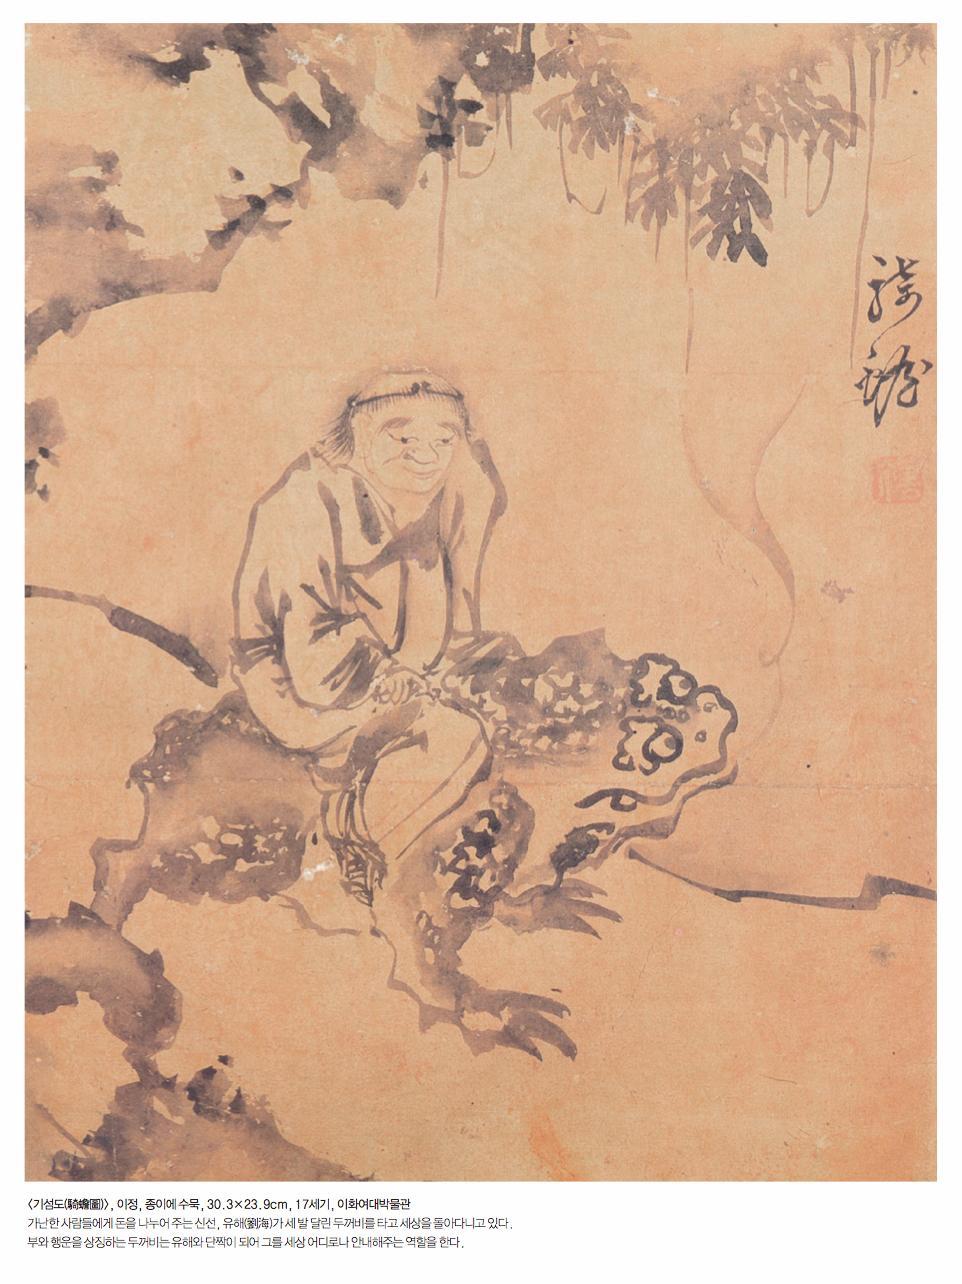 <기섬도(騎蟾圖)>, 이정, 종이에 수묵, 30.3×23.9cm, 17세기, 이화여대박물관 가난한 사람들에게 돈을 나누어 주는 신선, 유해(劉海)가 세 발 달린 두꺼비를 타고 세상을 돌아다니고 있다. 부와 행운을 상징하는 두꺼비는 유해와 단짝이 되어 그를 세상 어디로나 안내해주는 역할을 한다